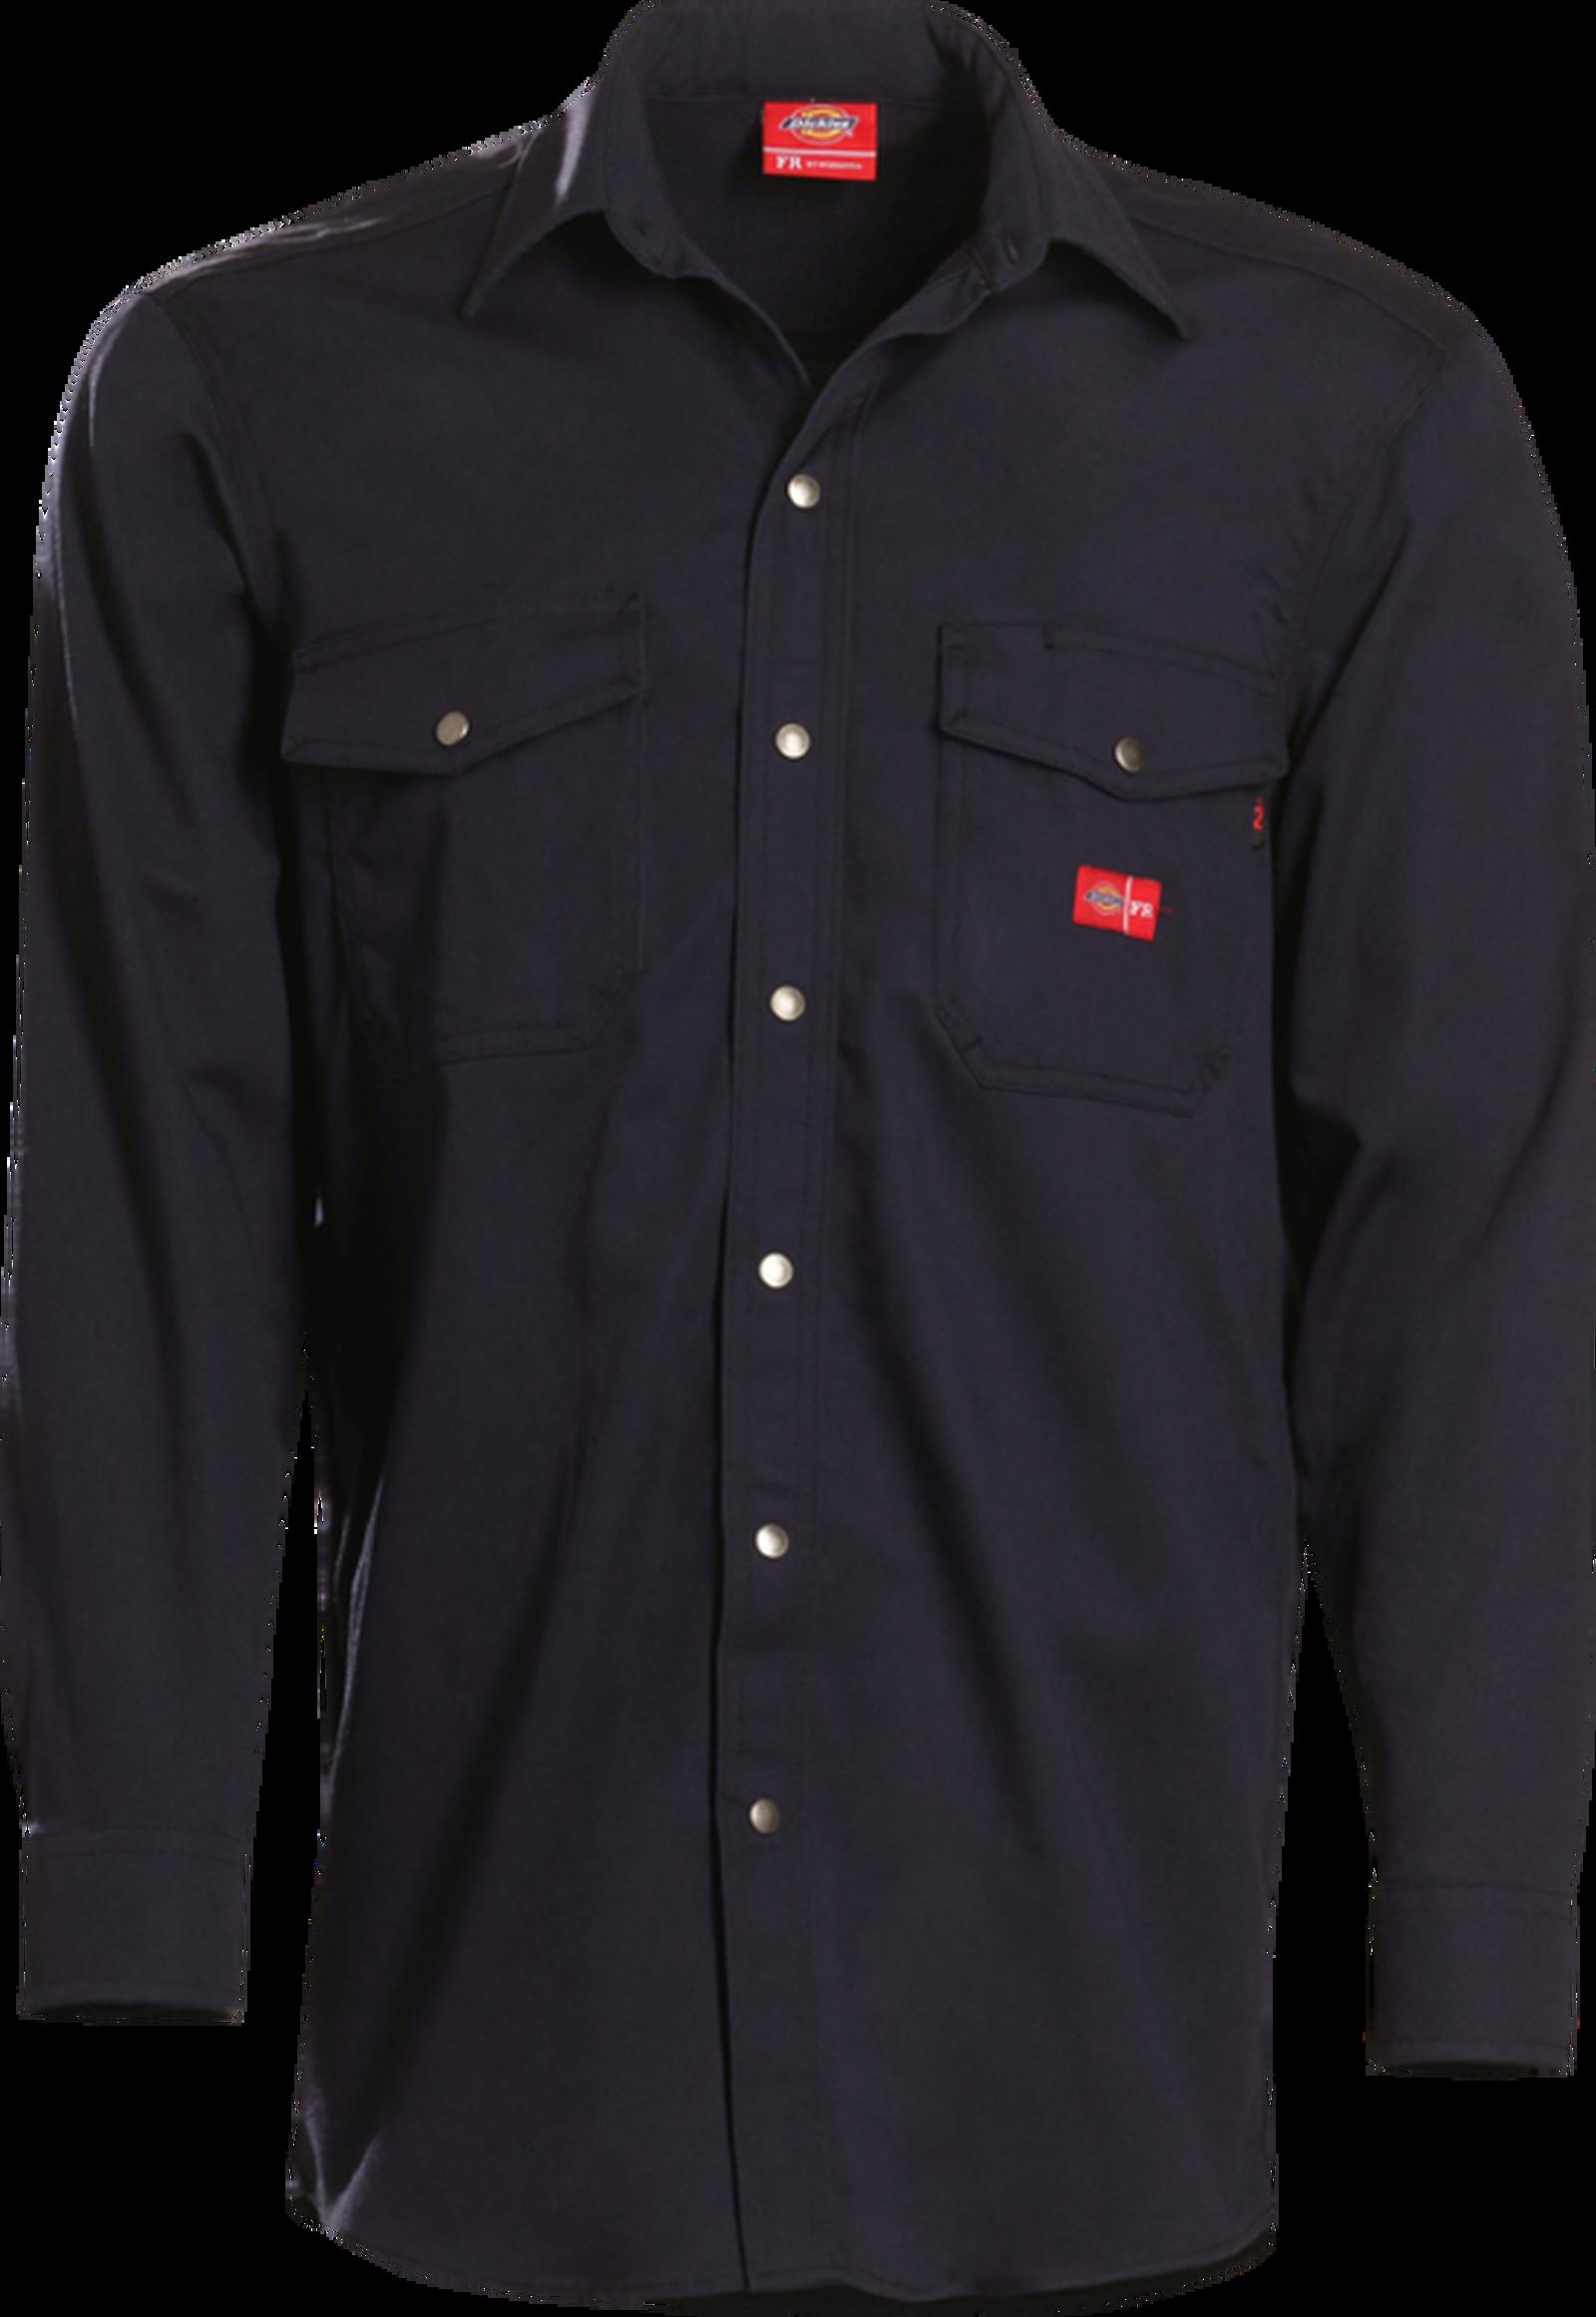 Men's Midweight FR Button-Down Work Shirt